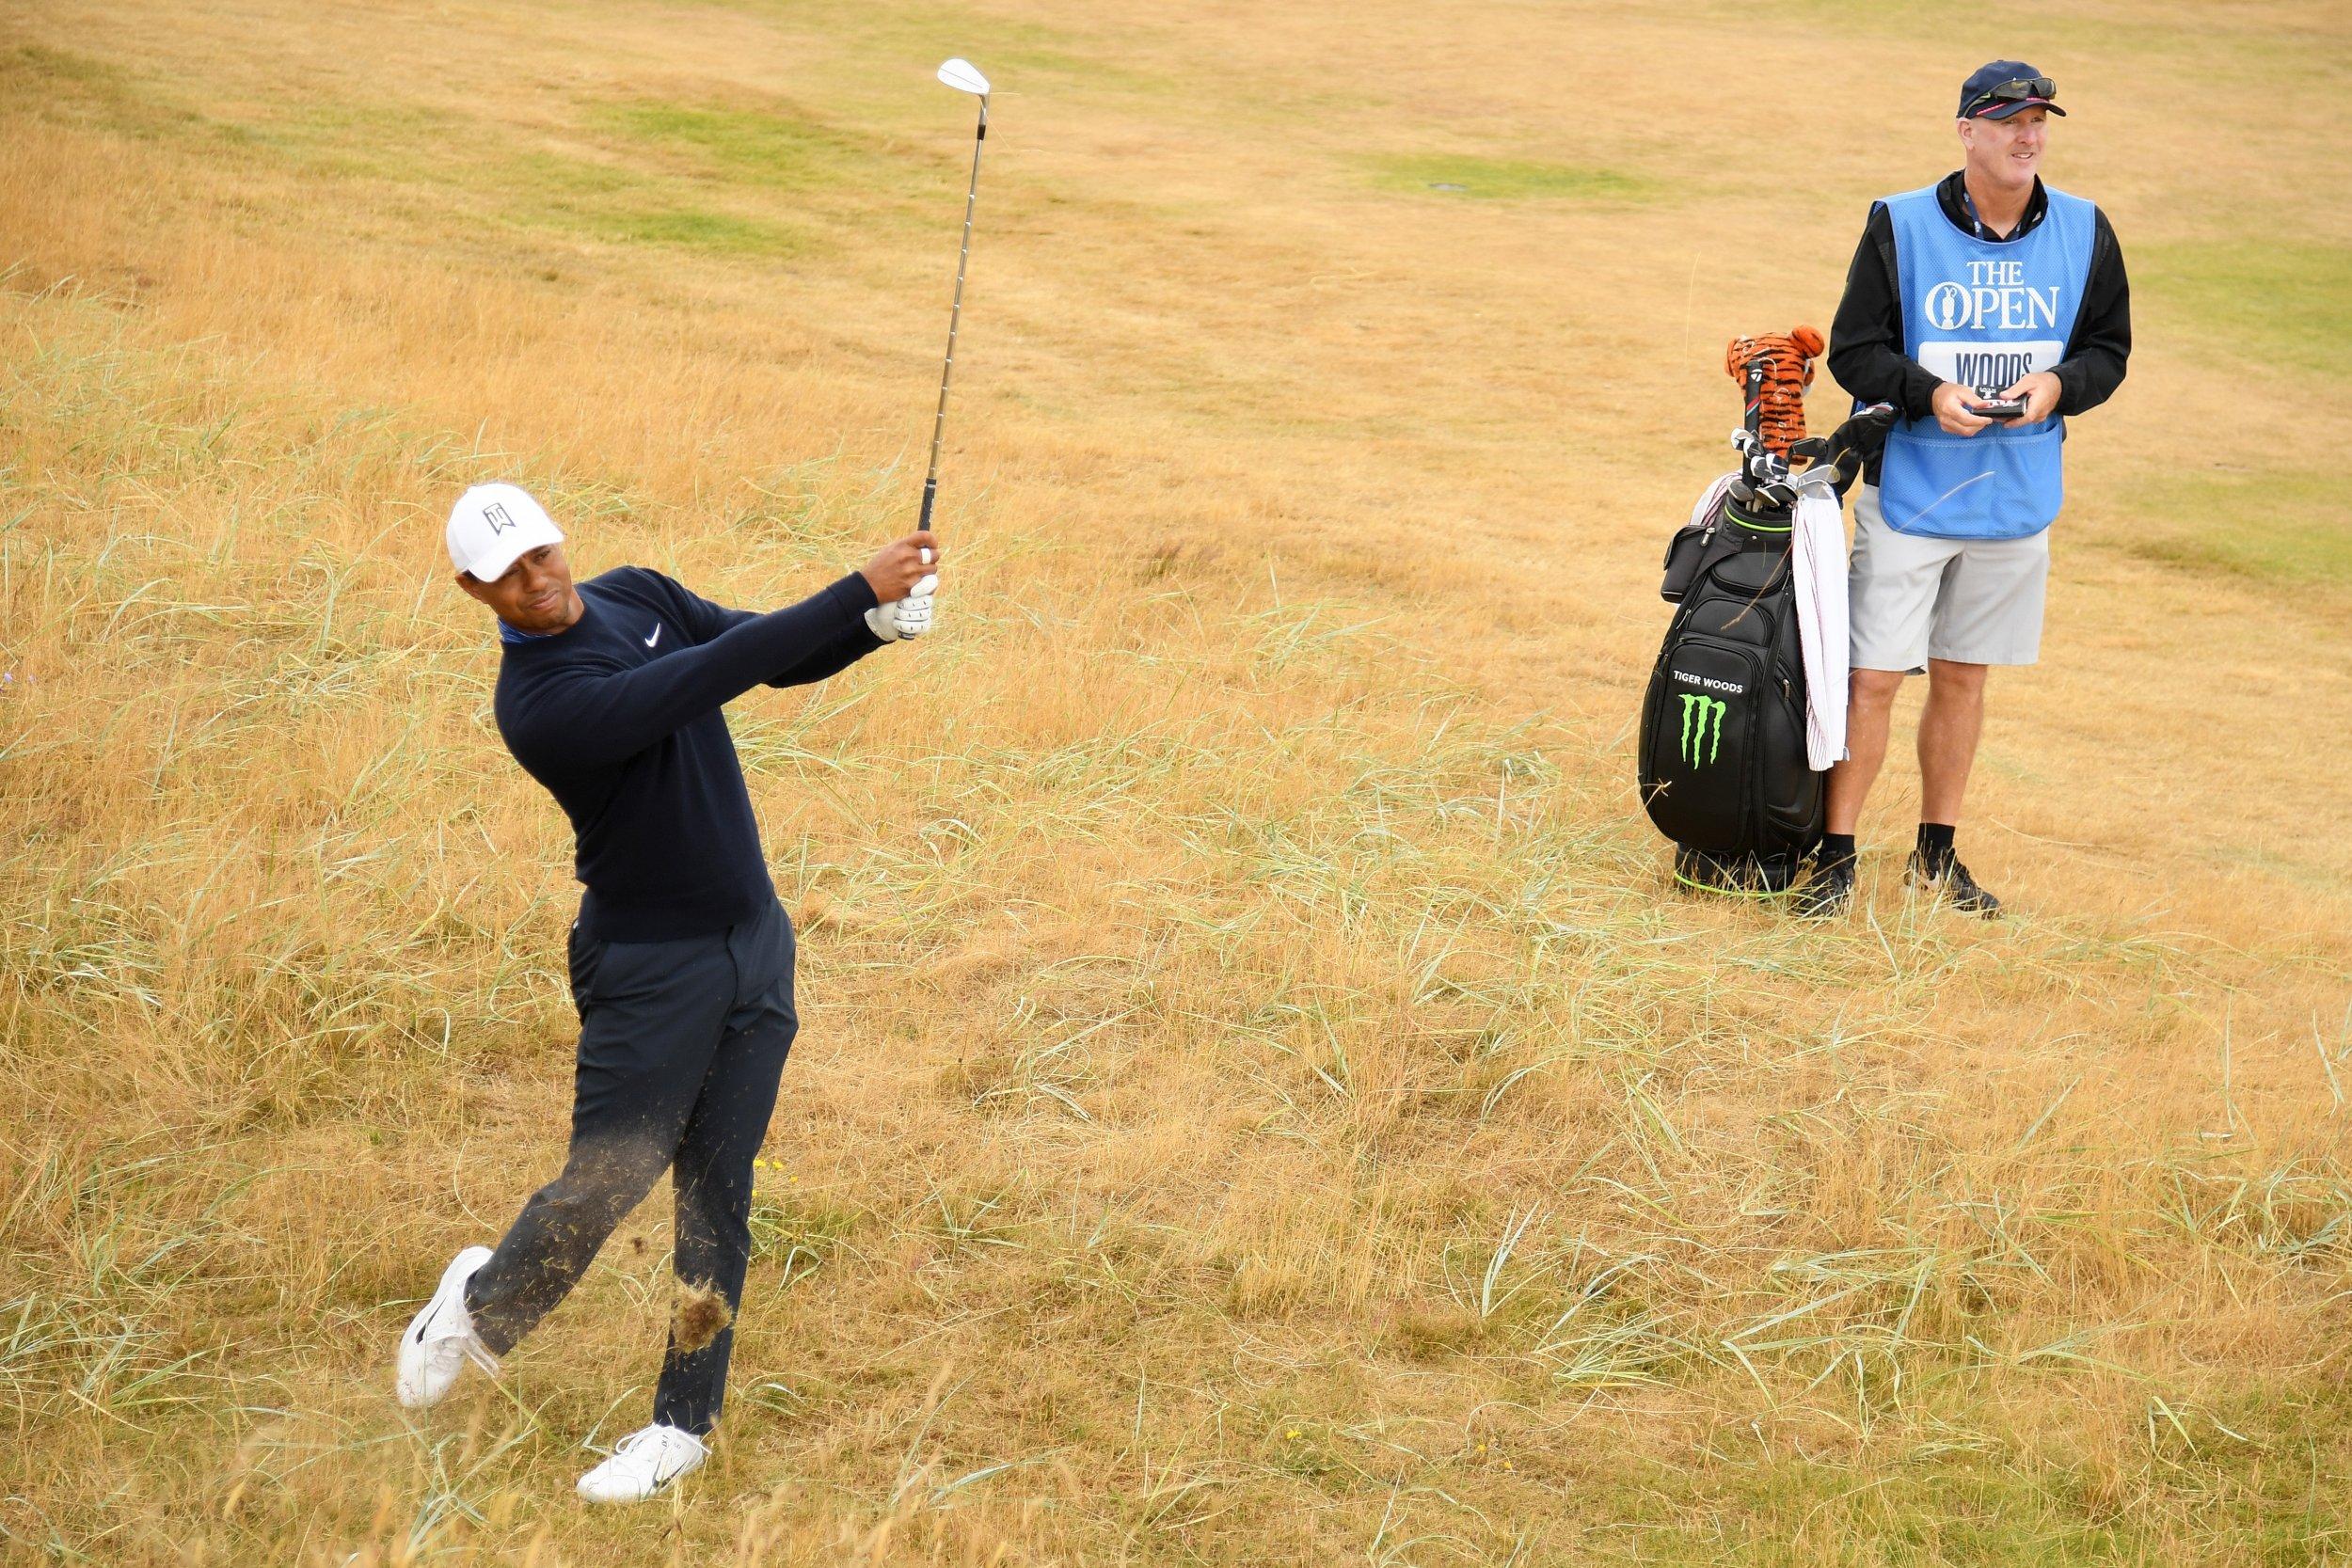 british open 2018 odds  winner futures for open